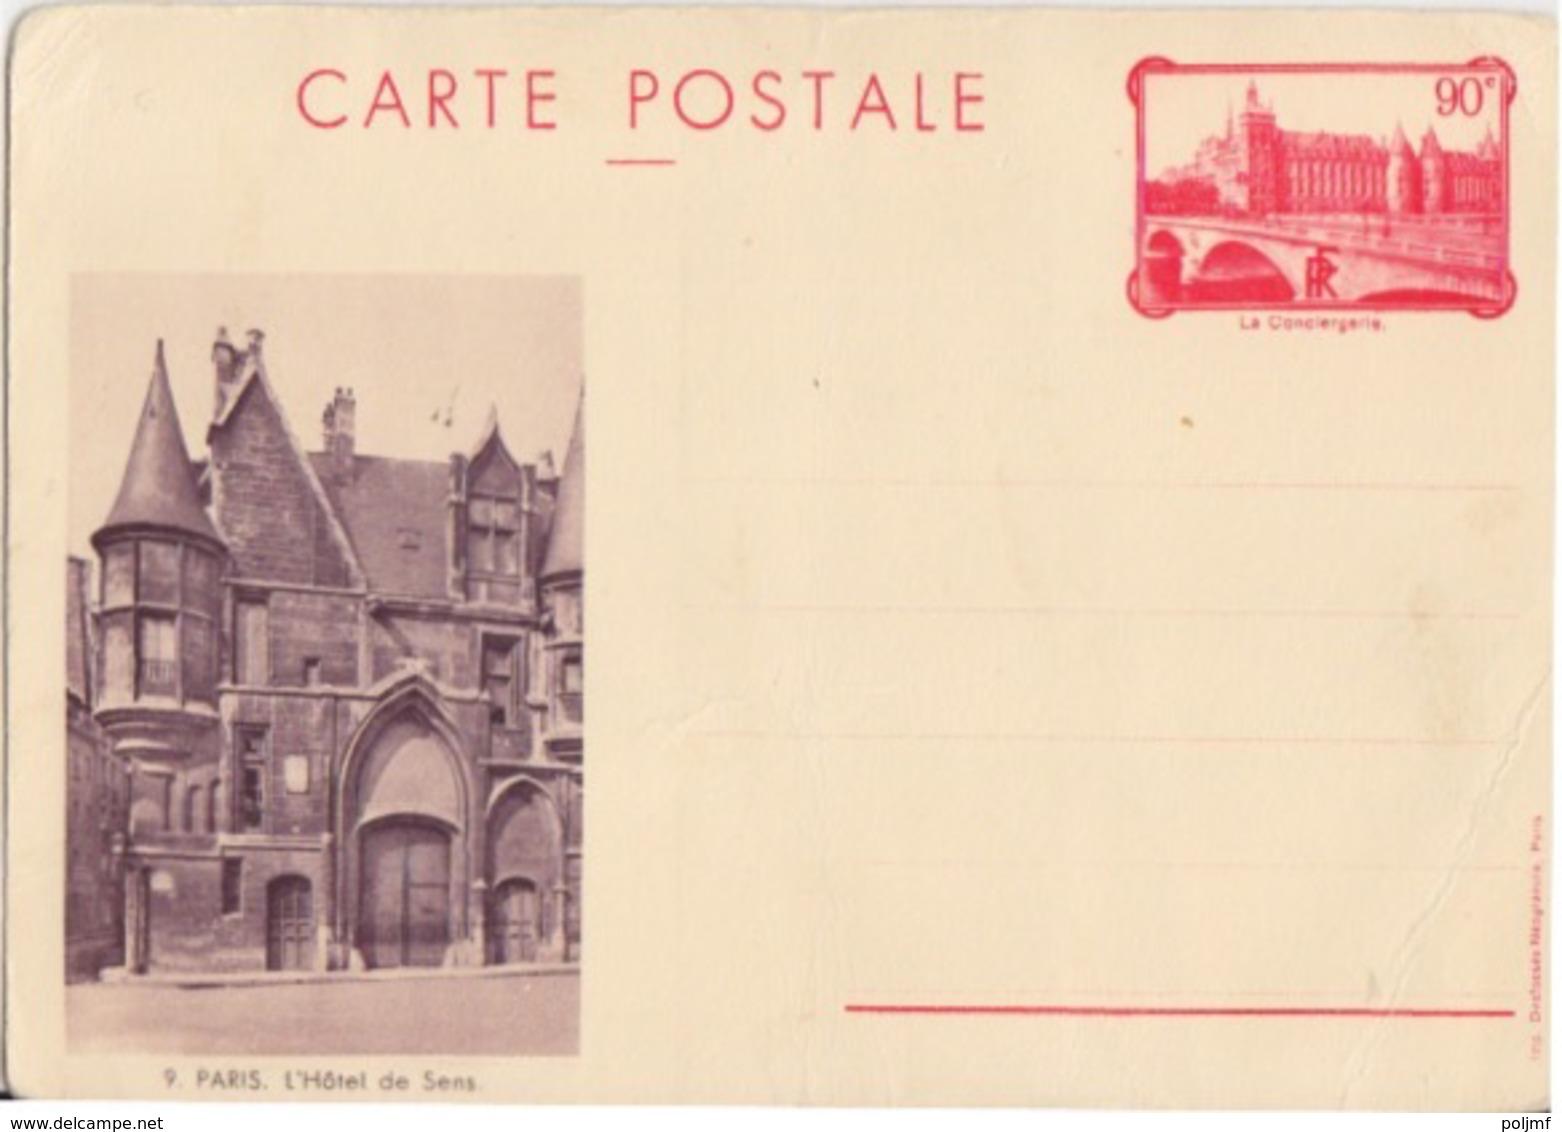 C CP La Conciergerie (9 L'Hôte De Sens) 90c Rouge 1936 F2d Neuf - Postal Stamped Stationery